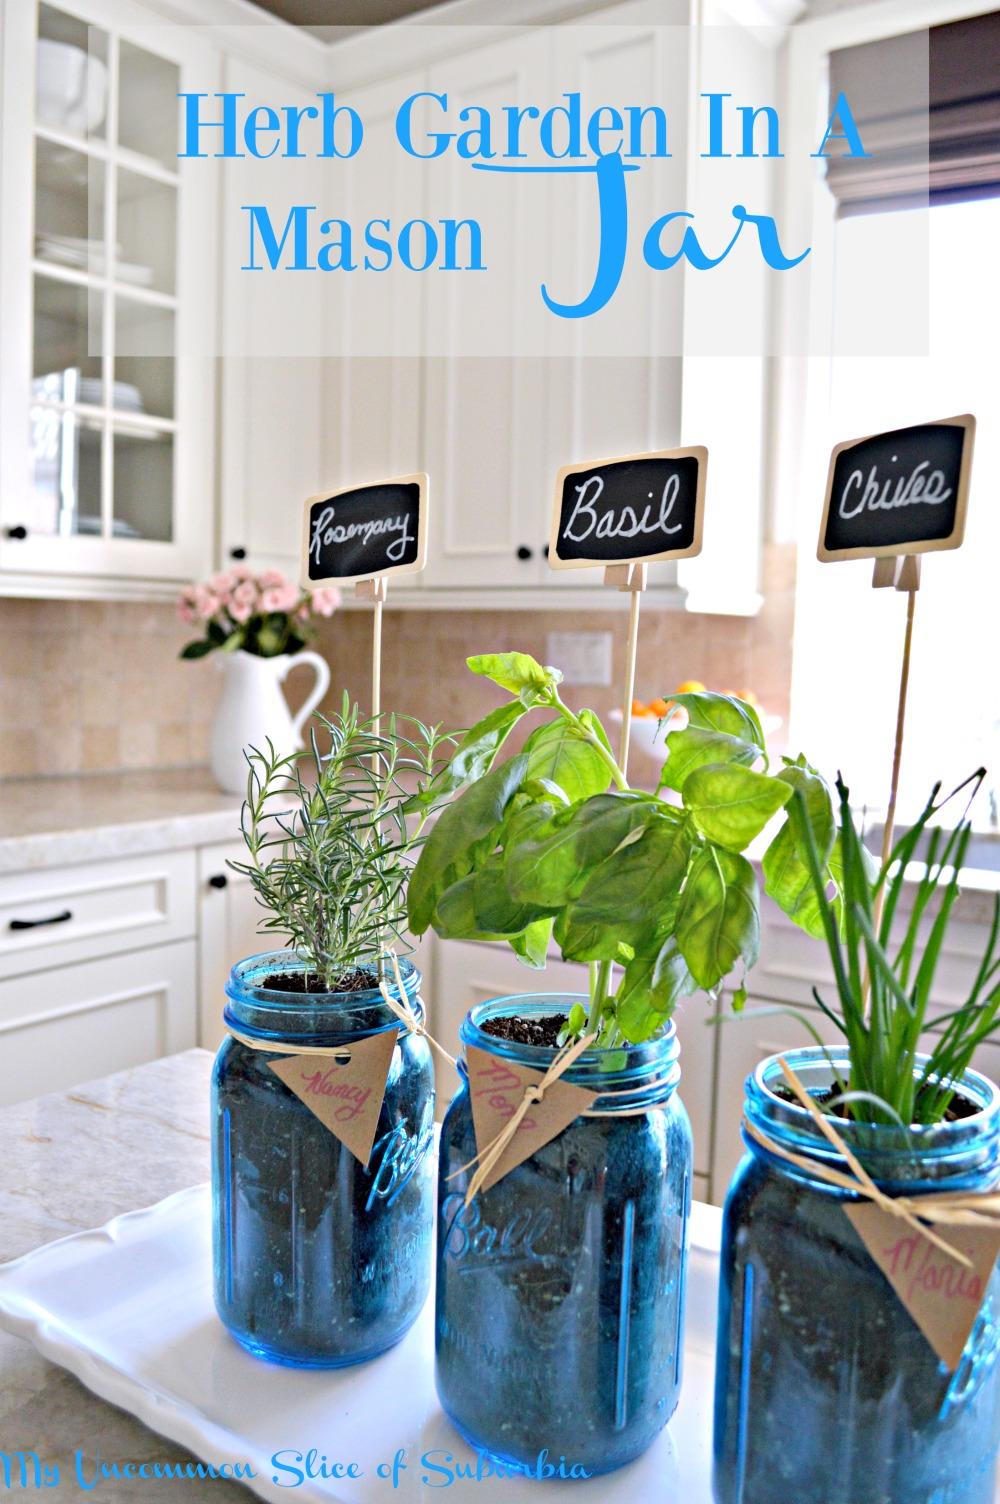 herb-garden-in-a-mason-jar-great-idea